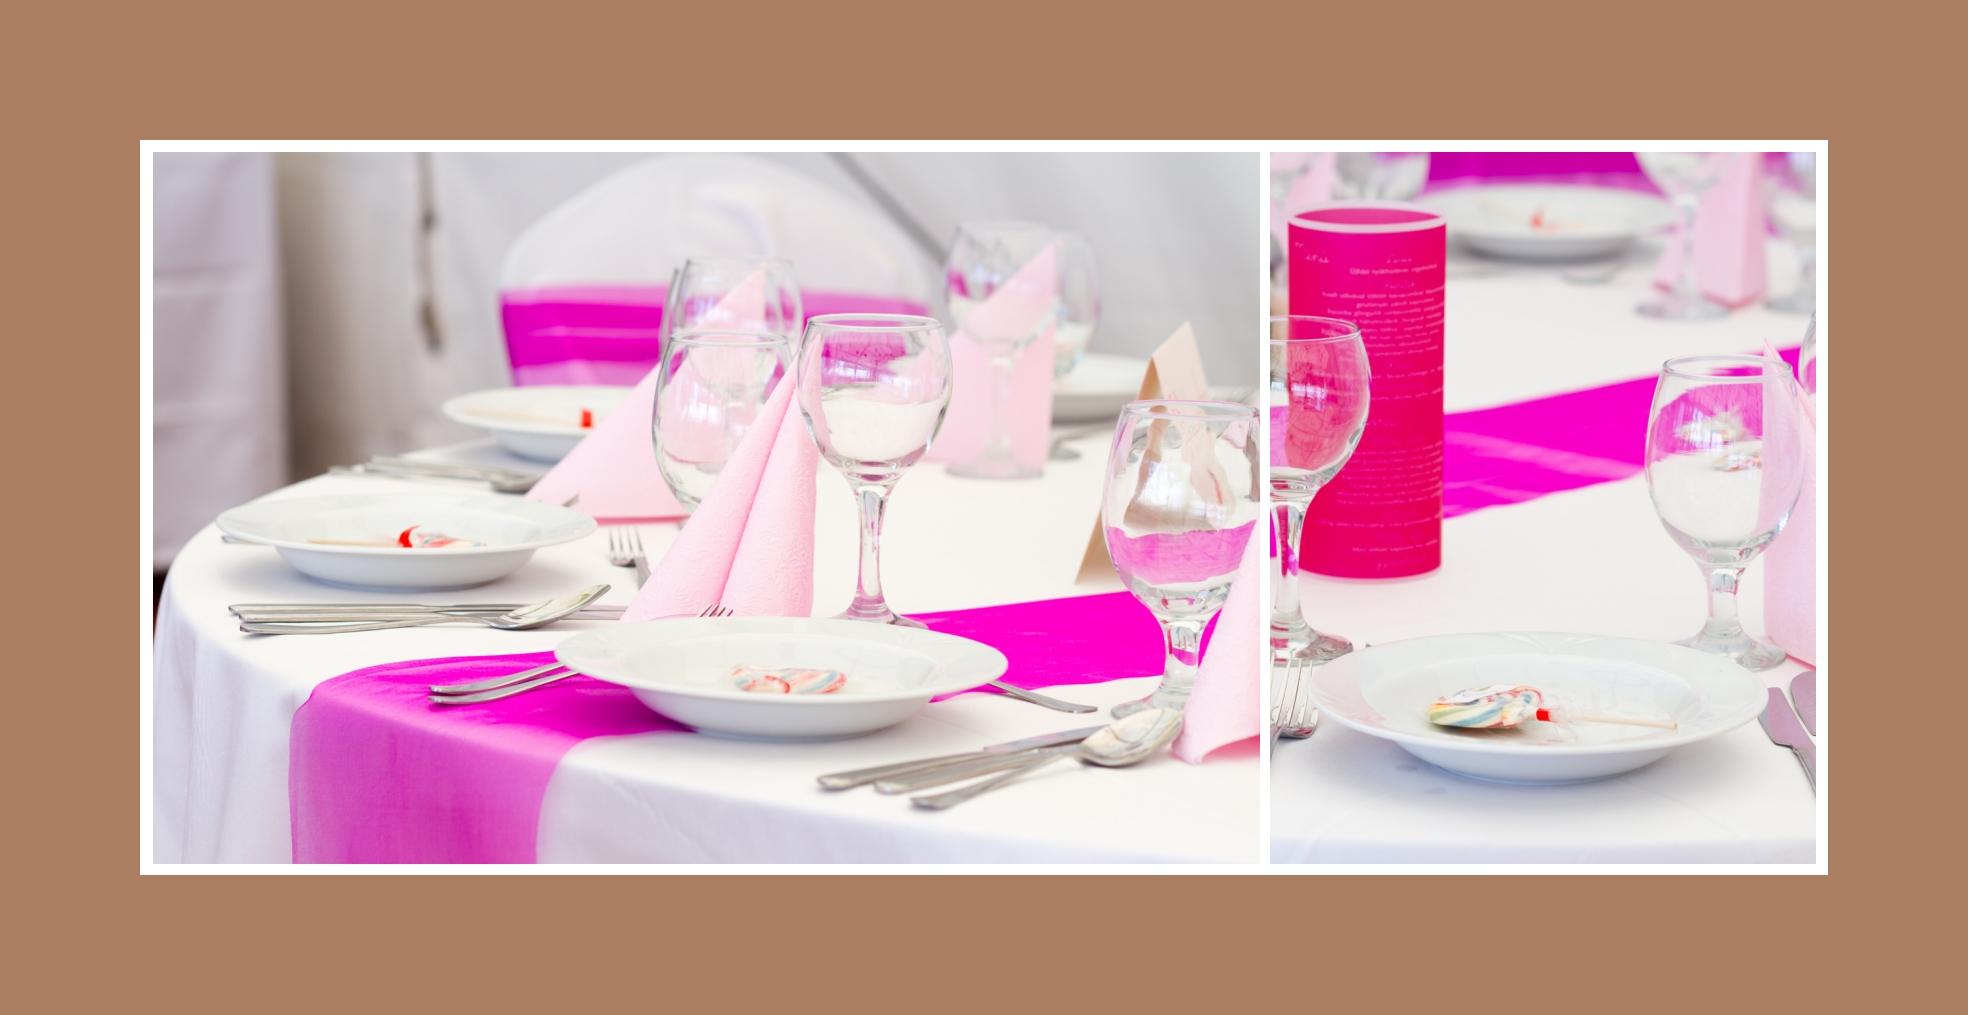 Tischdeko in Rosa und Pink - ein wahrer Mädchentraum